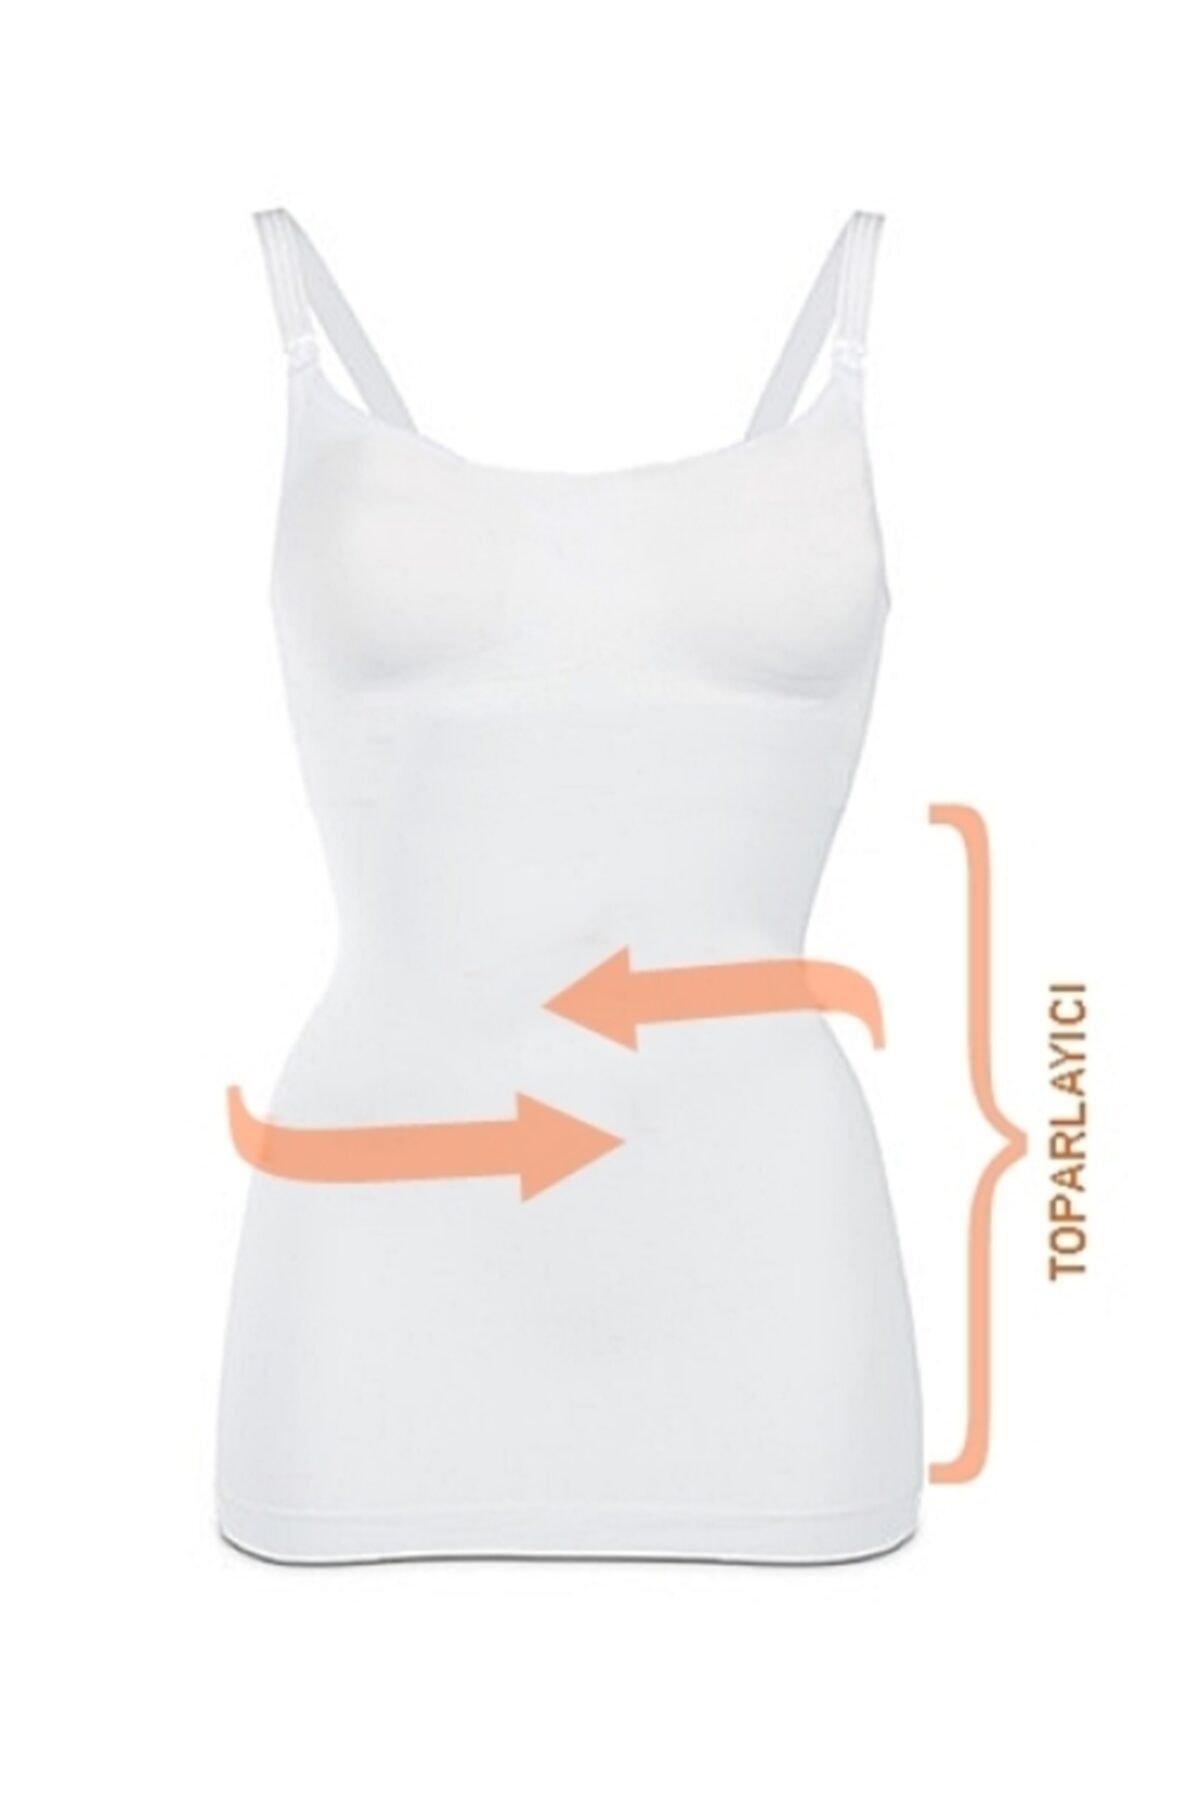 Akdağ Sportswear Toparlayıcı Miğde Ve Göbek Korseli Organik Koton Dikişsiz Beyaz Emzirme Atleti 1